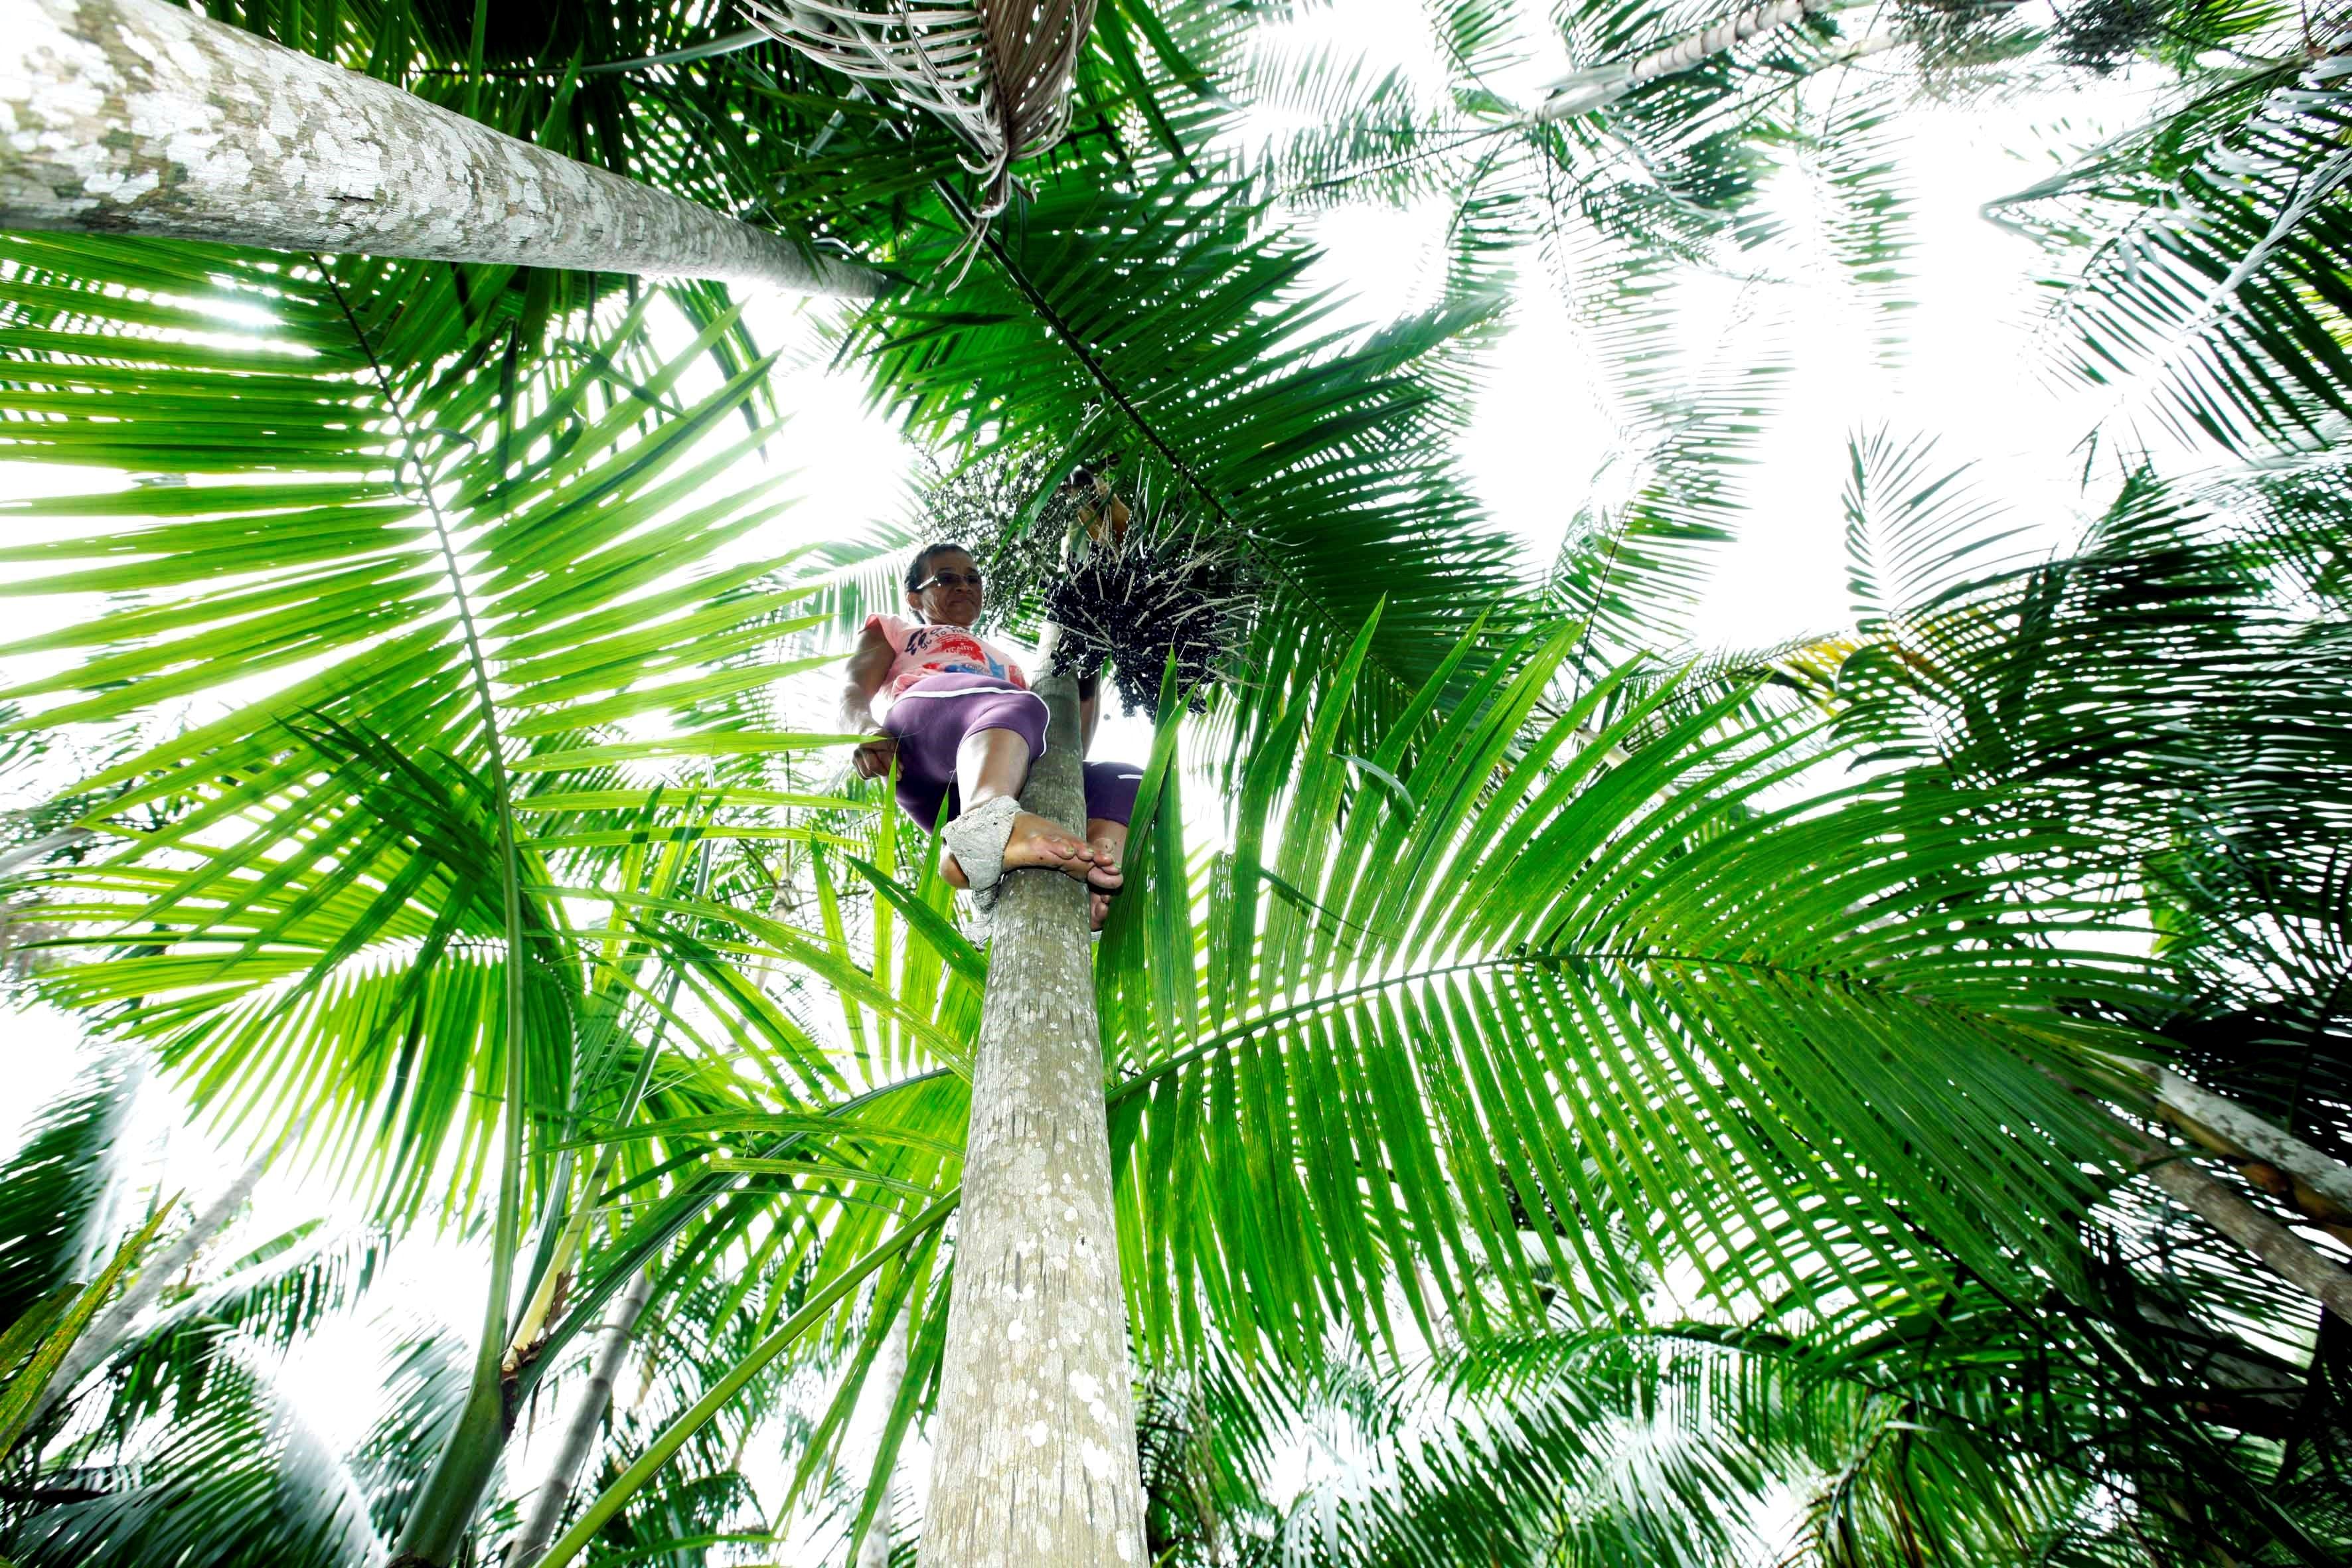 <p>Edina dos Anjos do Nascimento Siqueira climbs an açaí tree to harvest the berry. Photo by Sidney Oliveira/AG Pará</p>